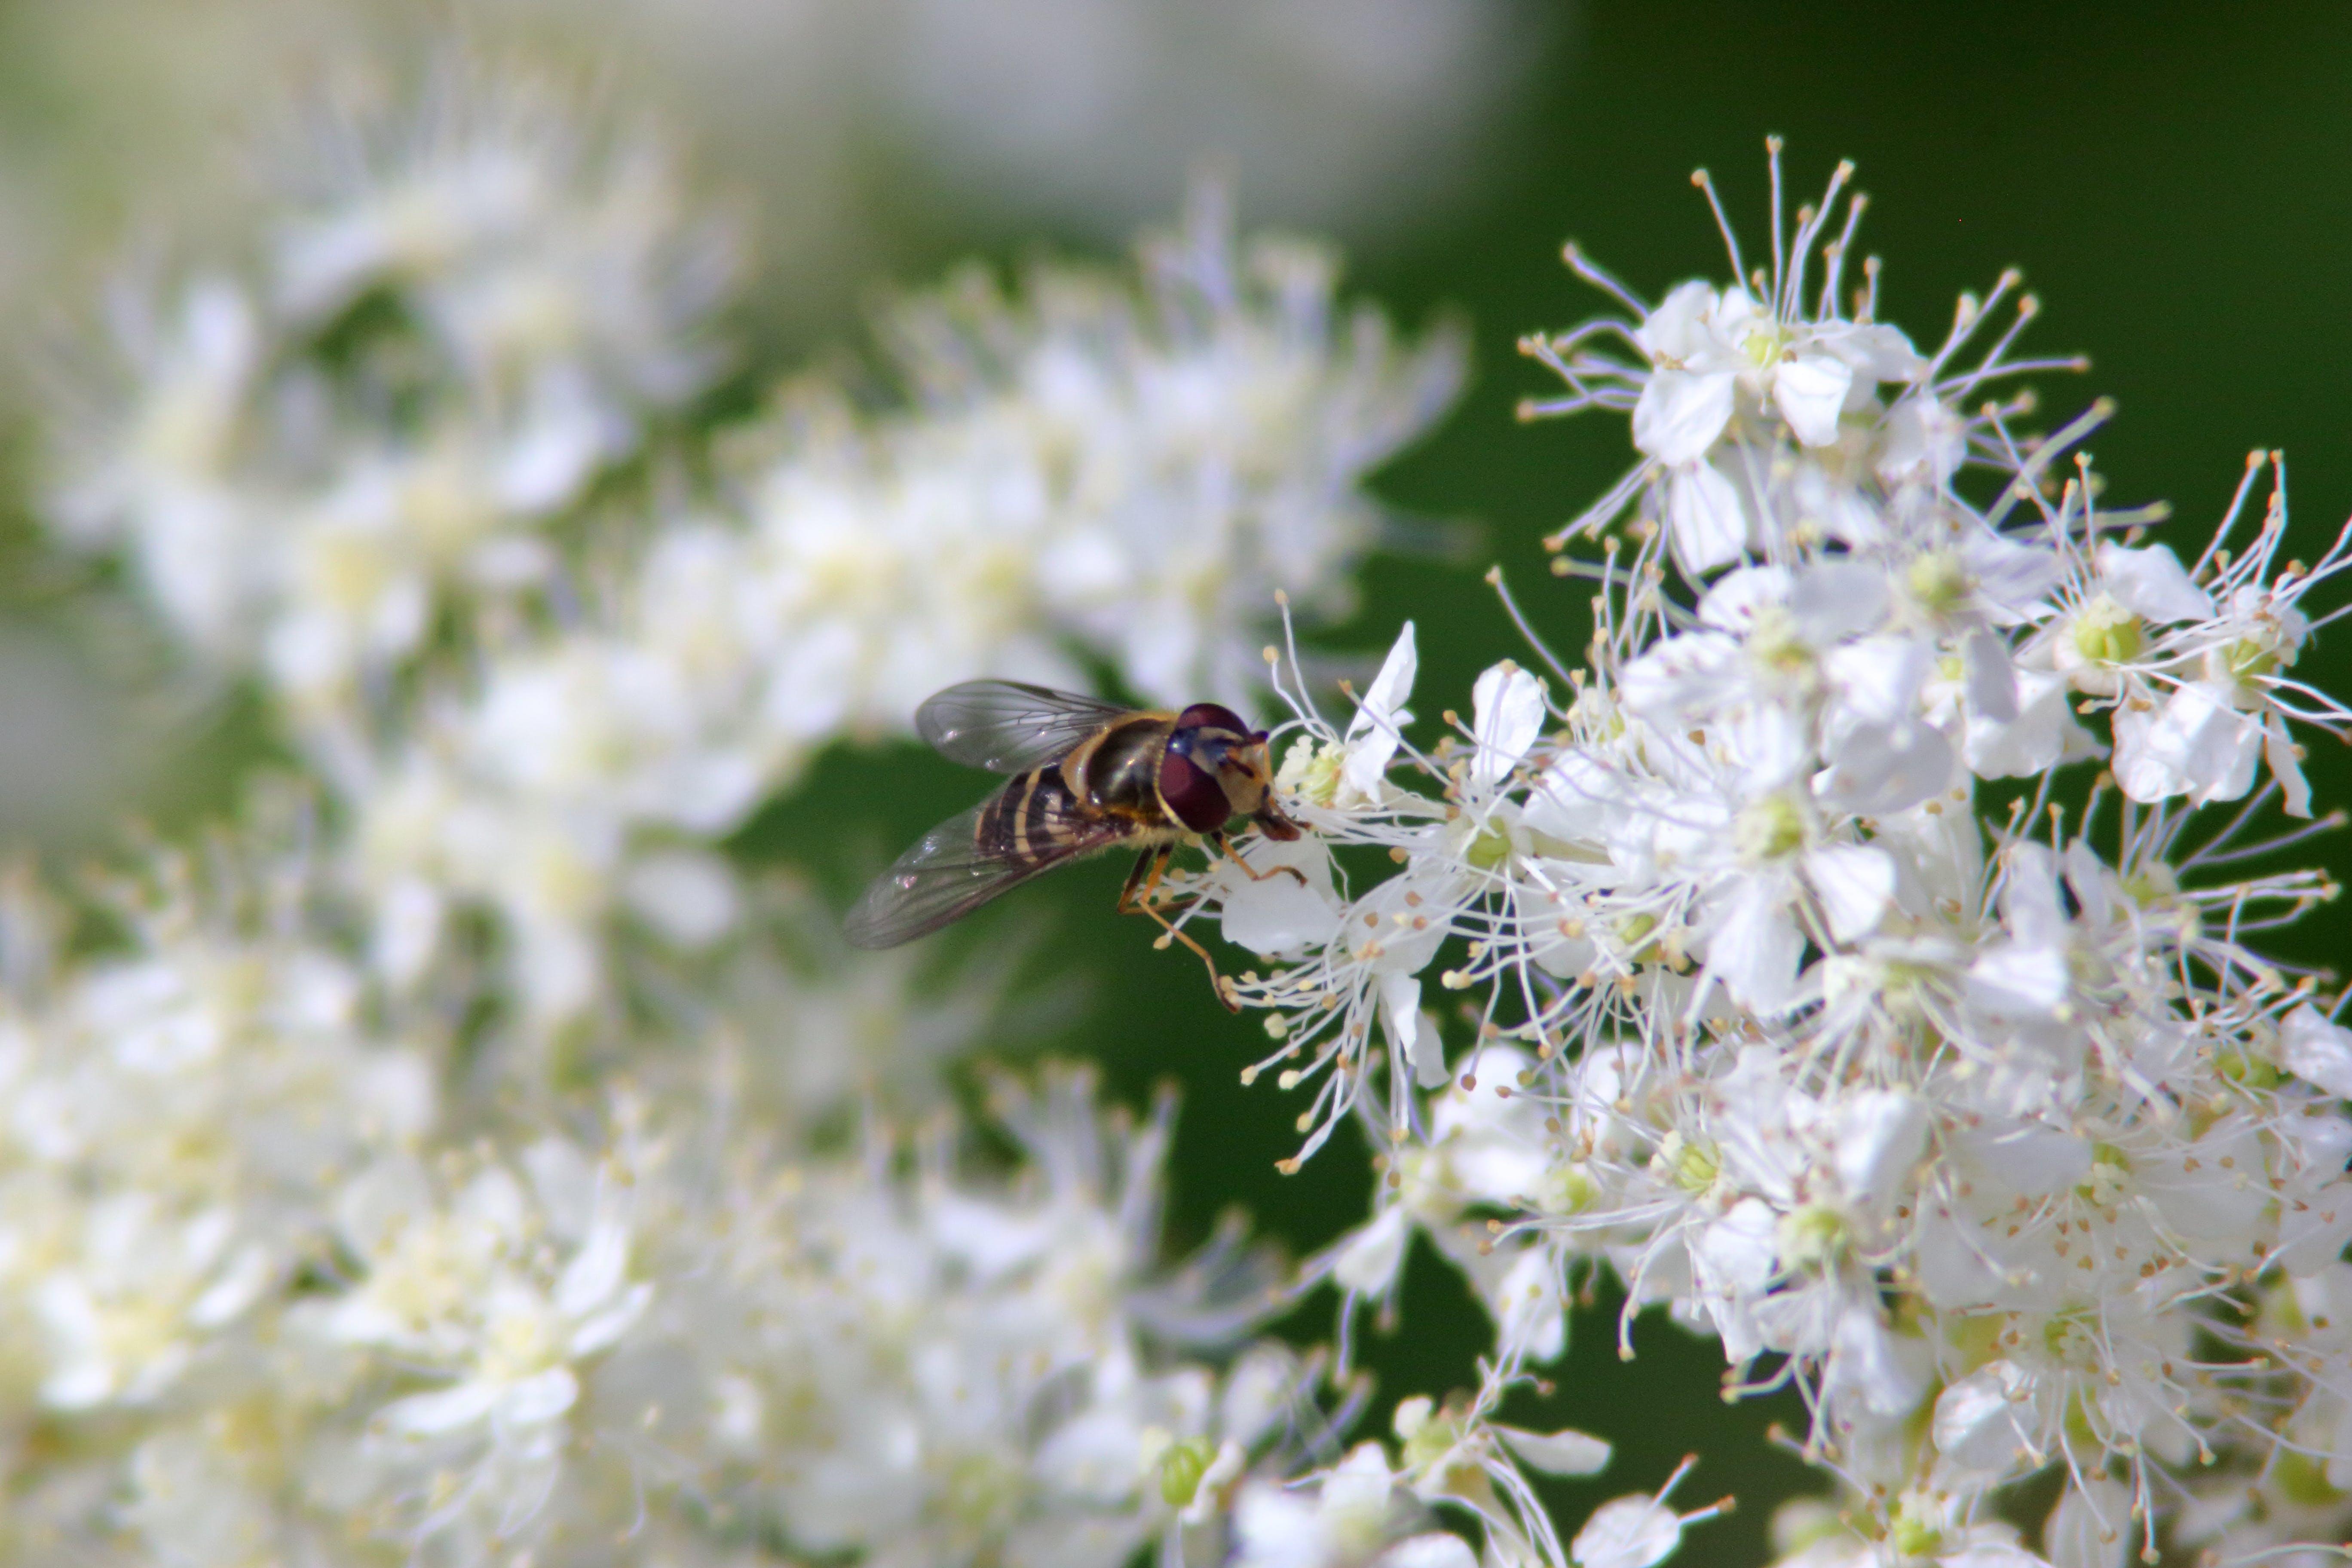 Δωρεάν στοκ φωτογραφιών με λευκός, λουλούδια, Συρφίδες